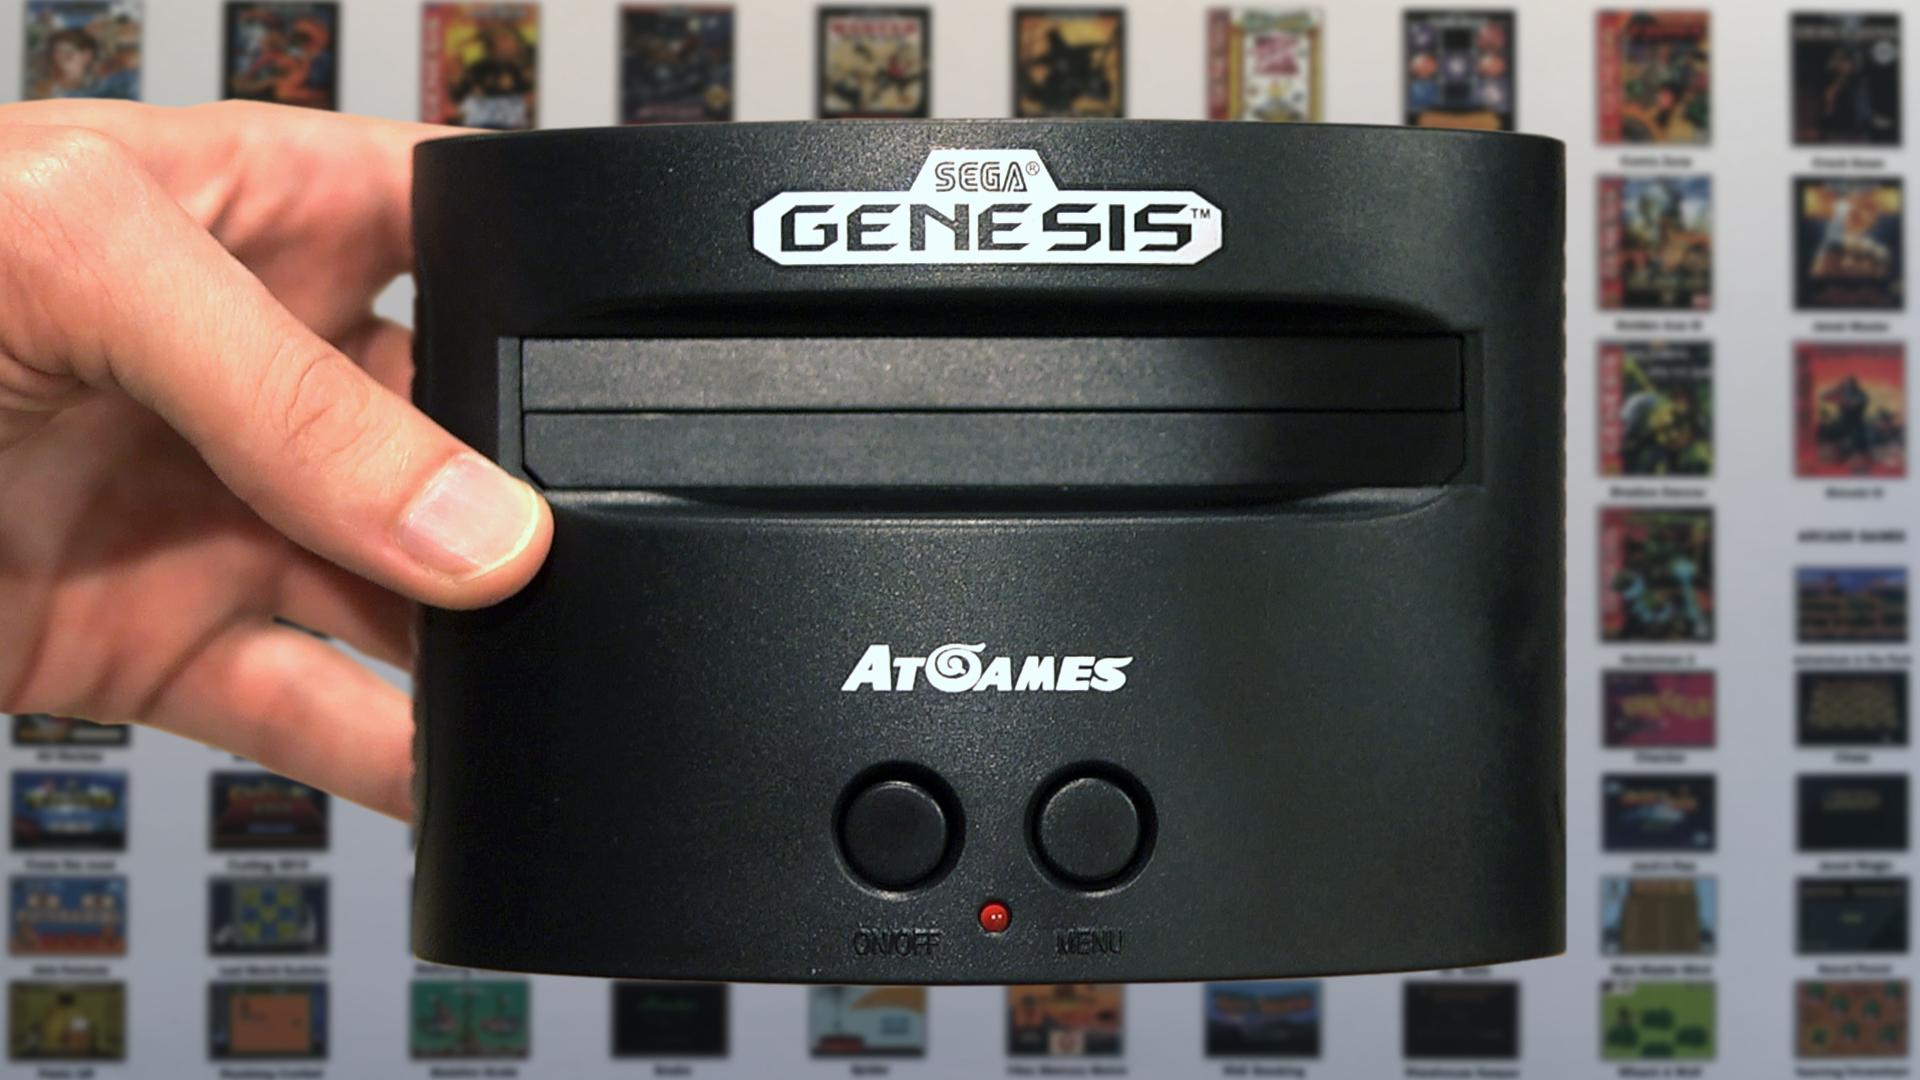 Sega genesis classic game console cinemassacre productions - Sega genesis classic game console game list ...